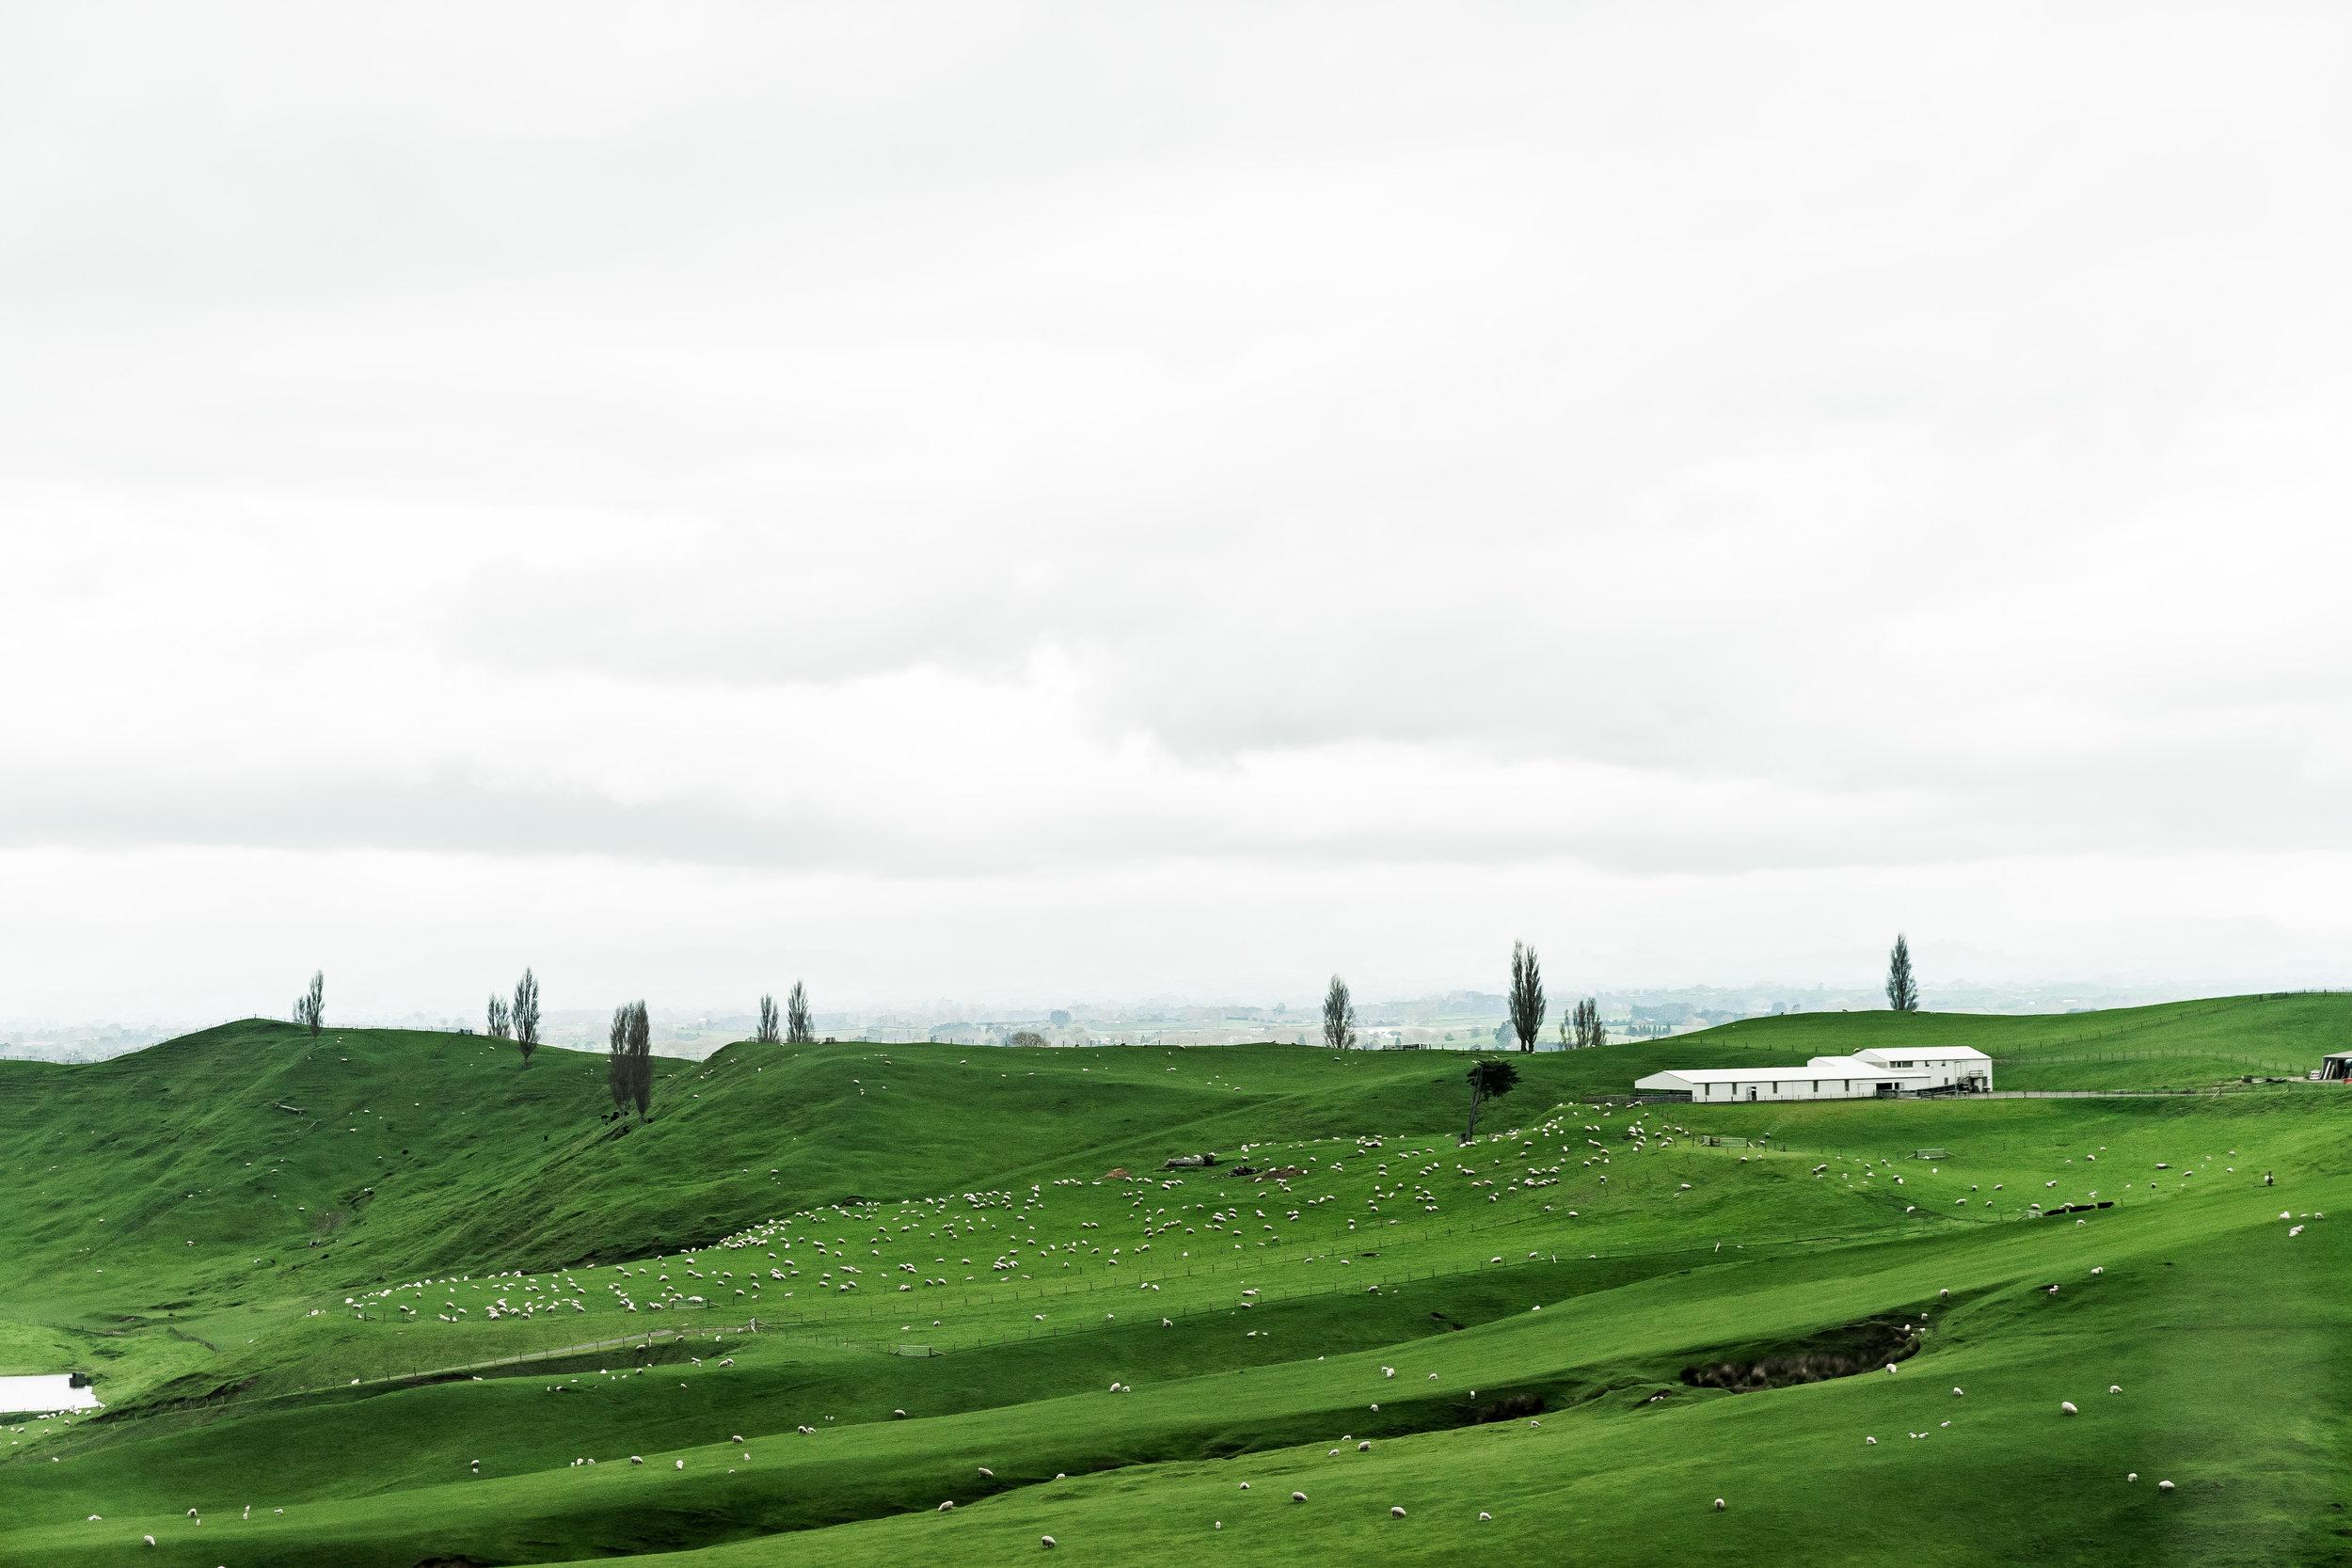 Matamata Sheeps